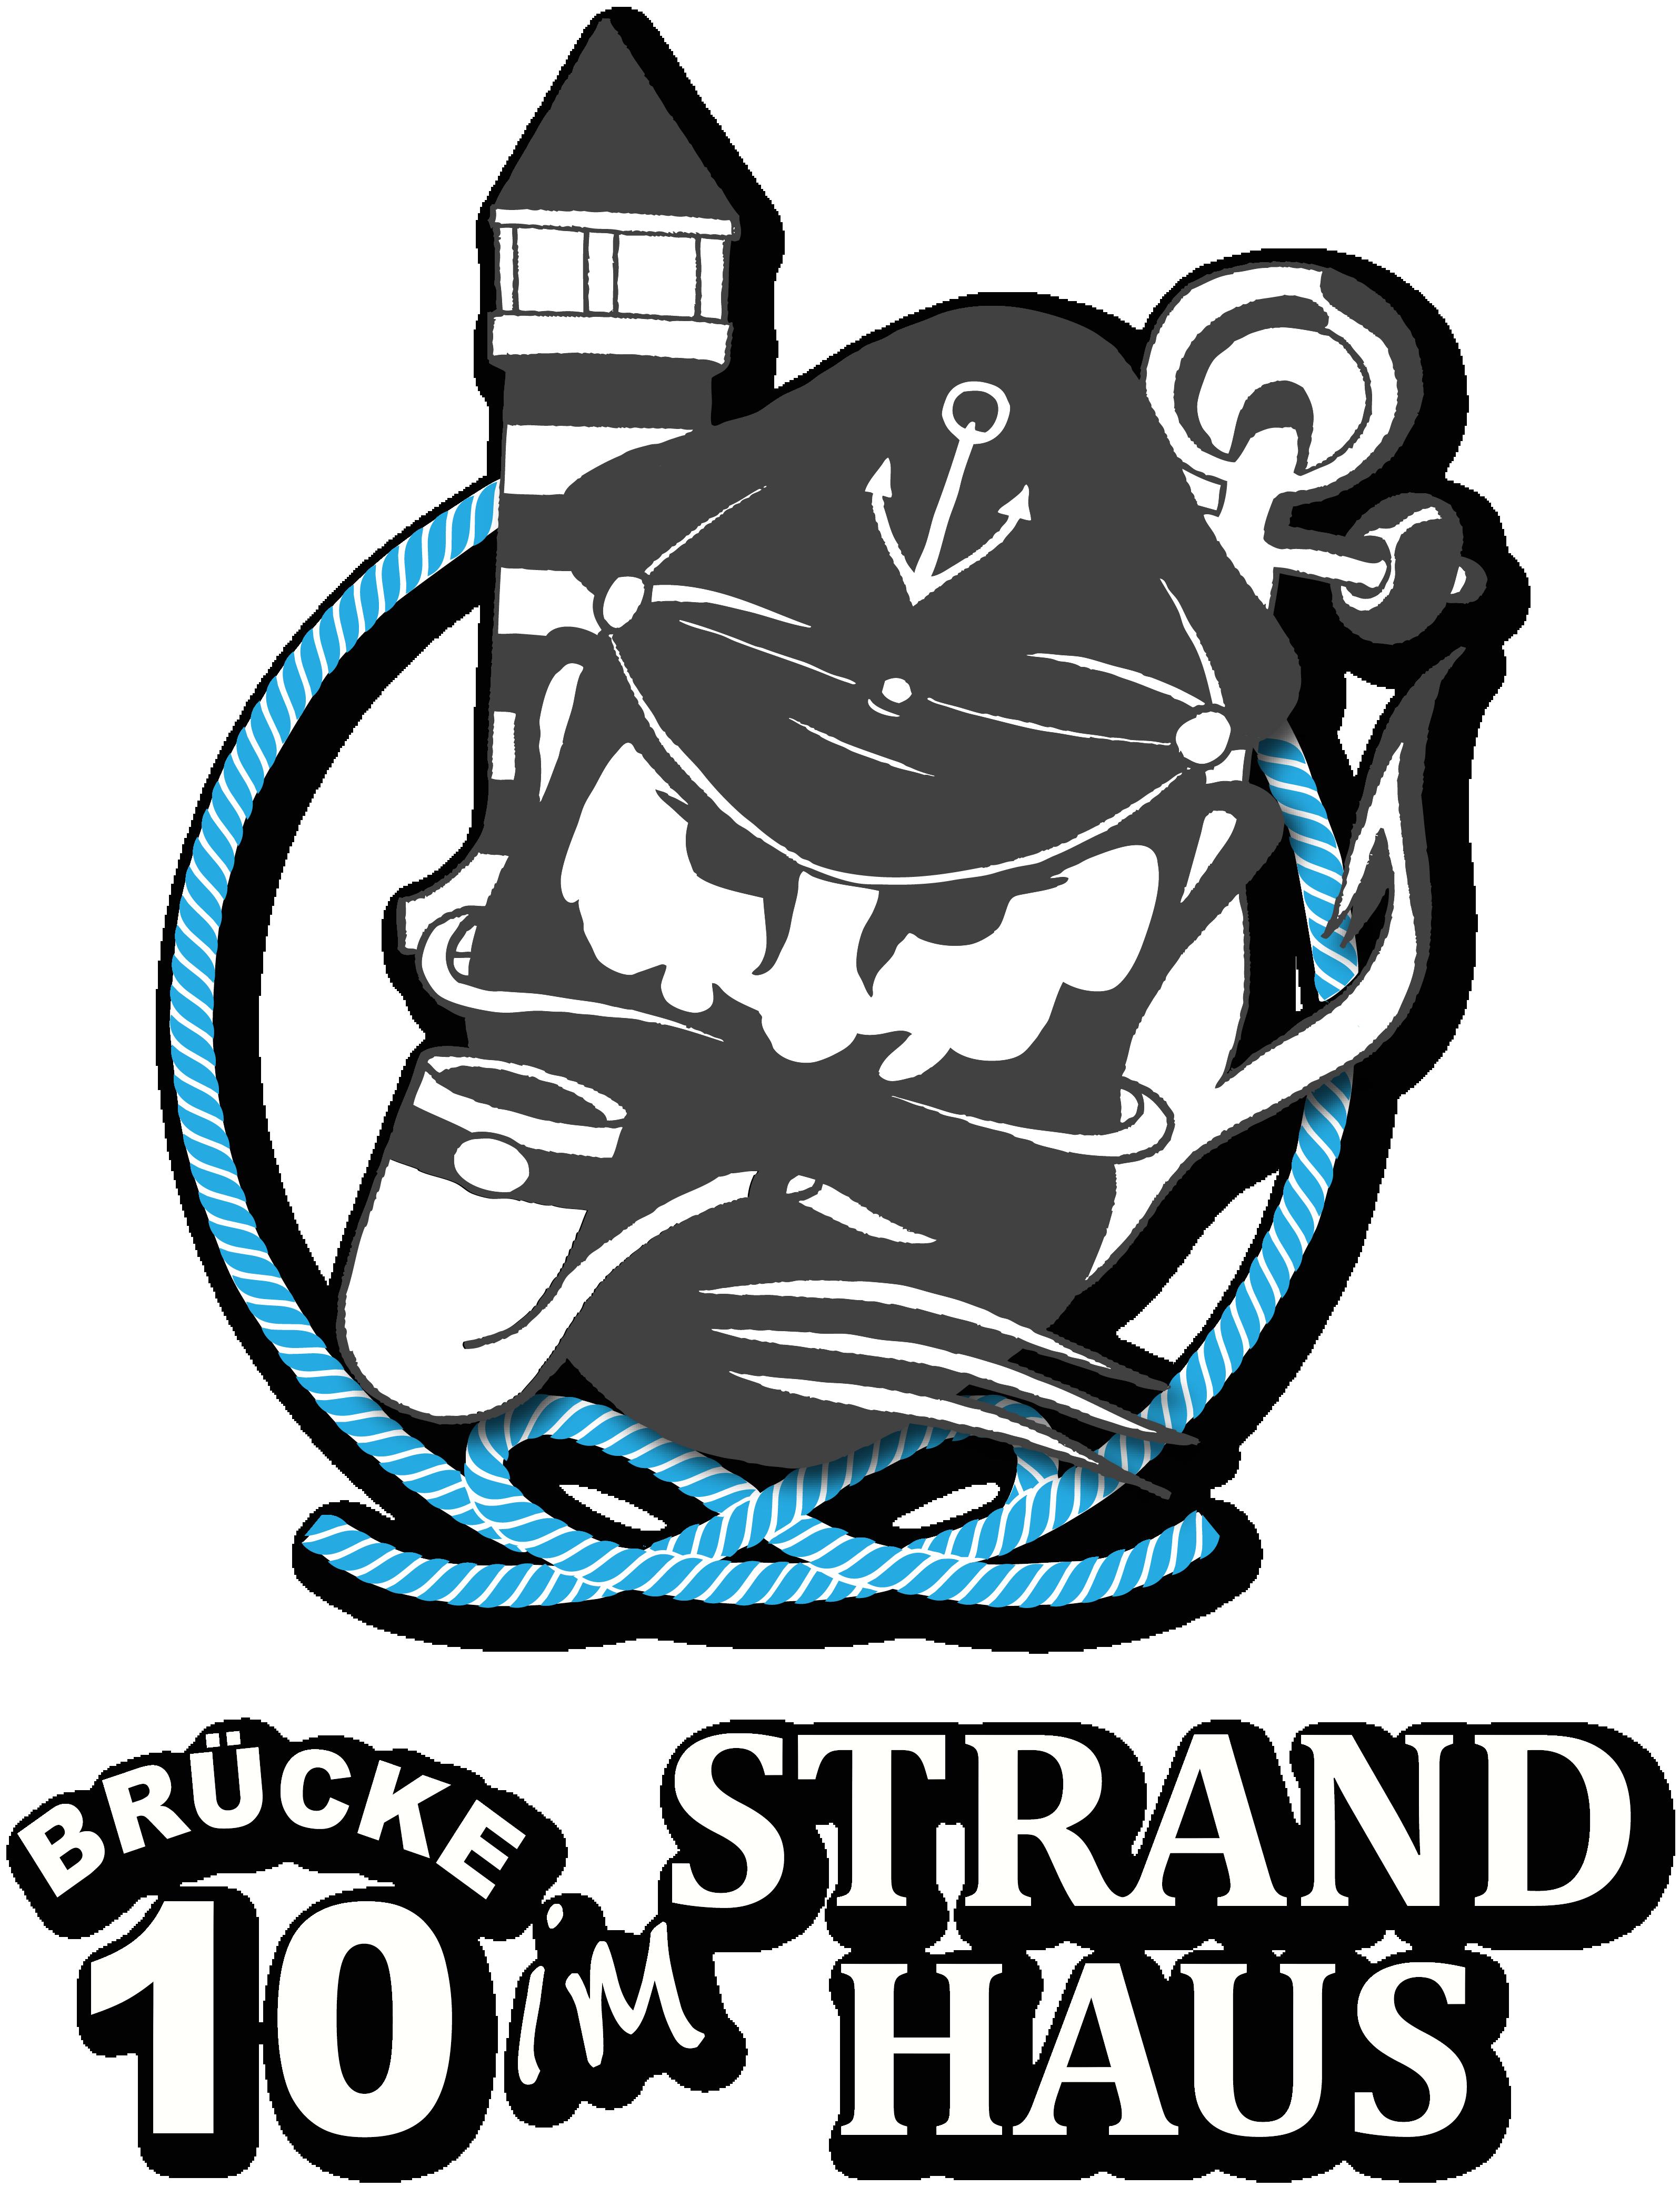 bruecke 10 im strandhaus.com